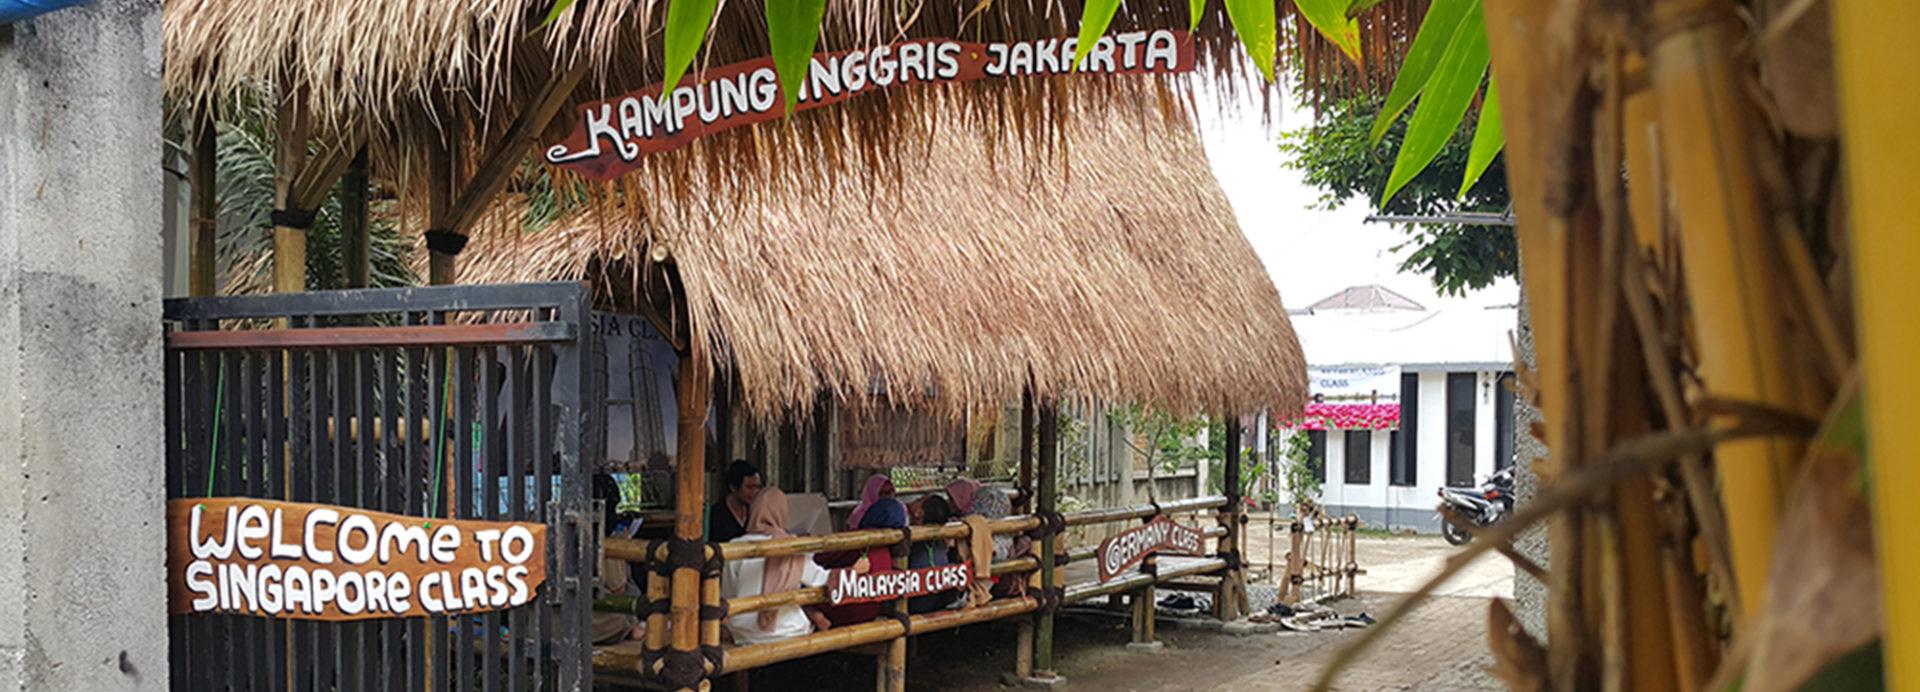 Kampung Inggris Jakarta